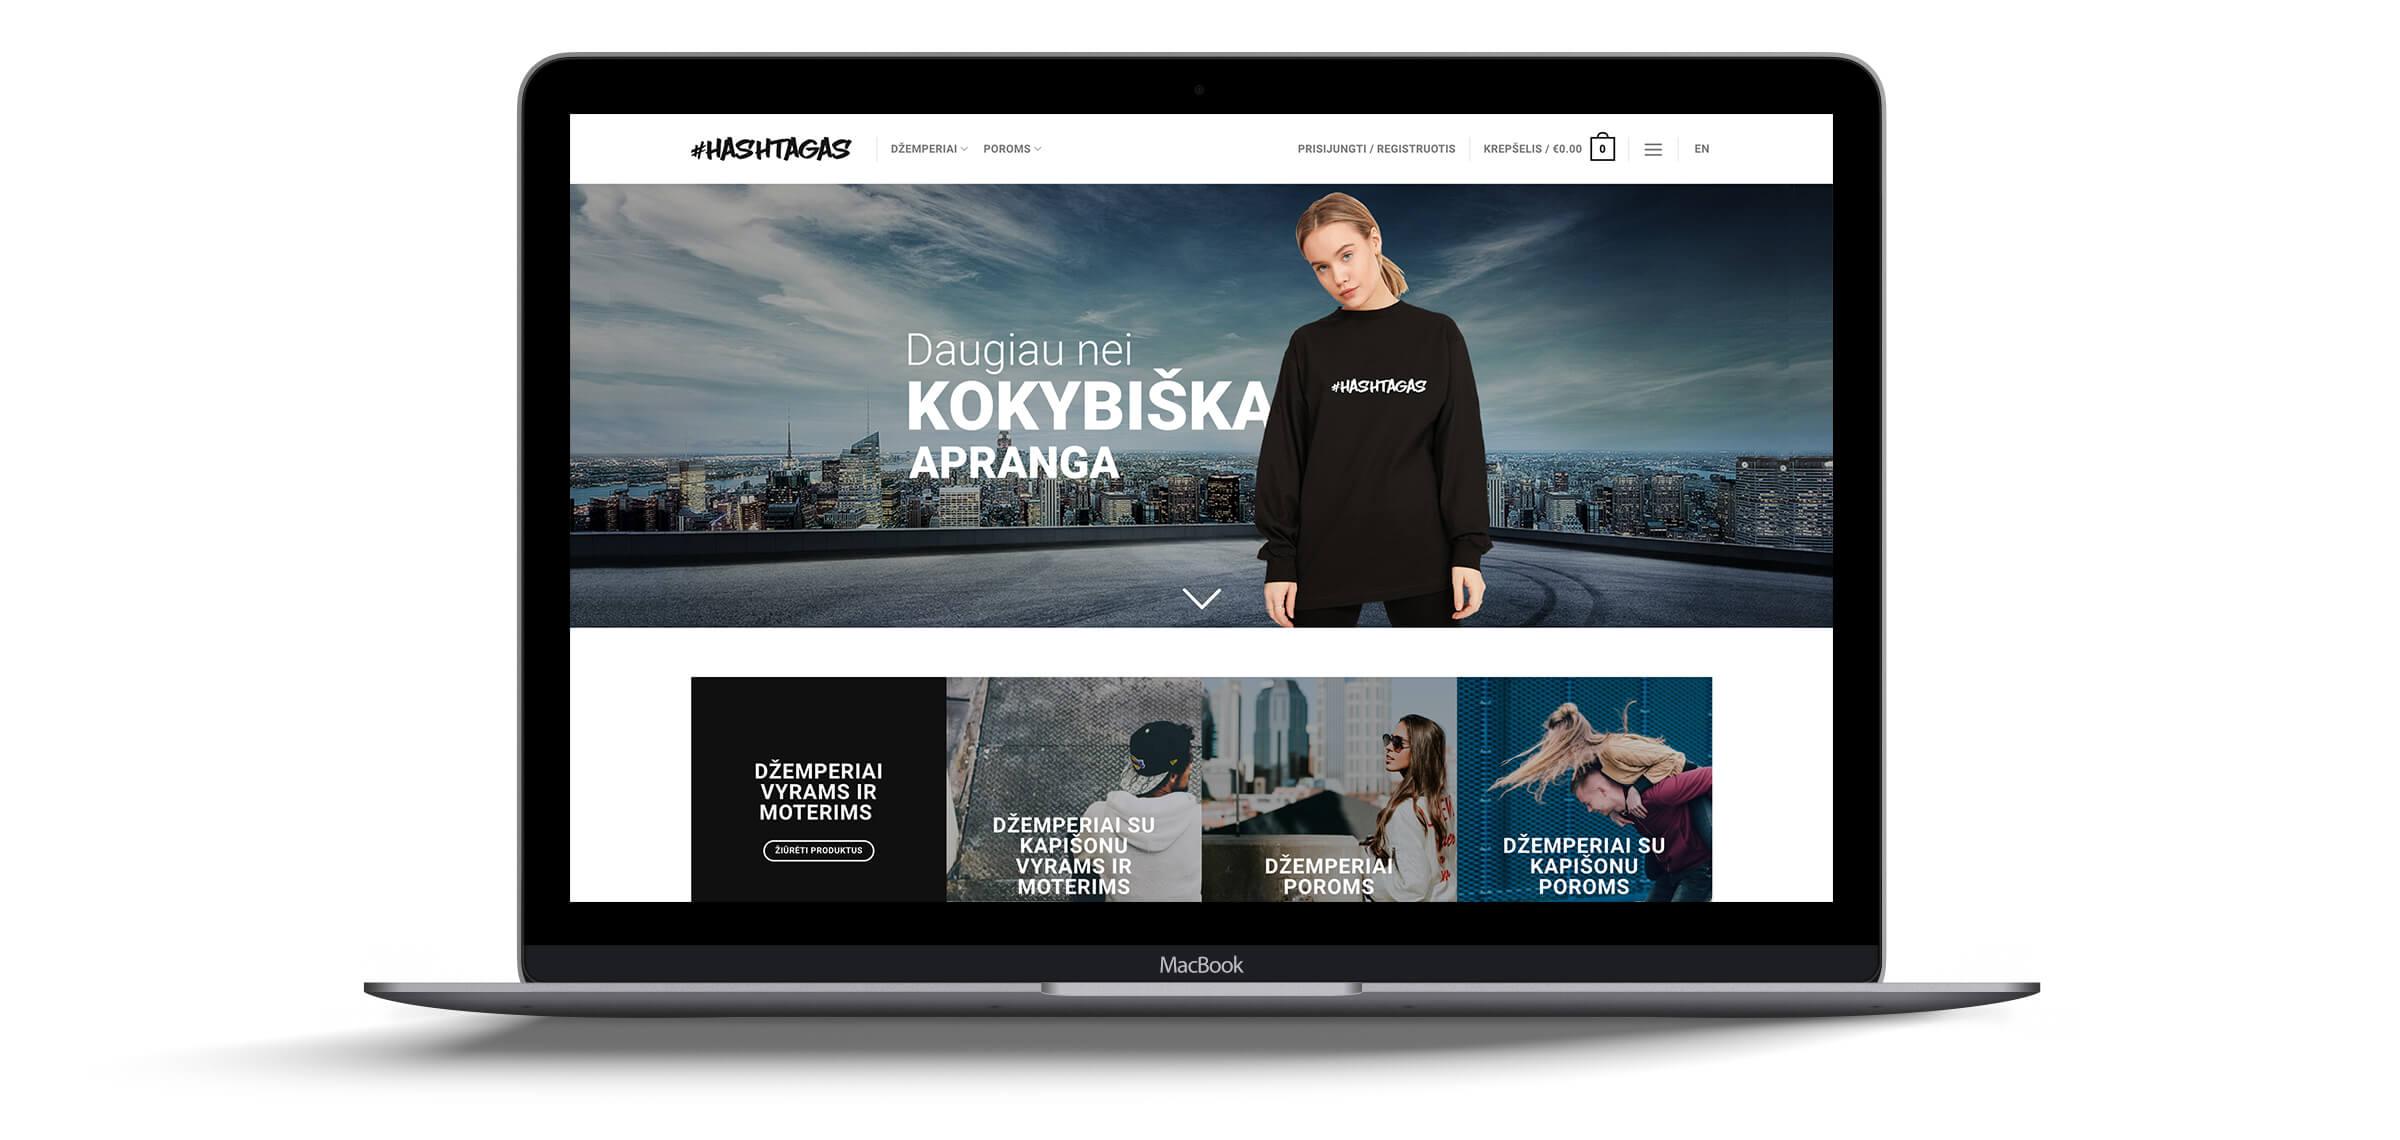 e-parduotuviu kurimas